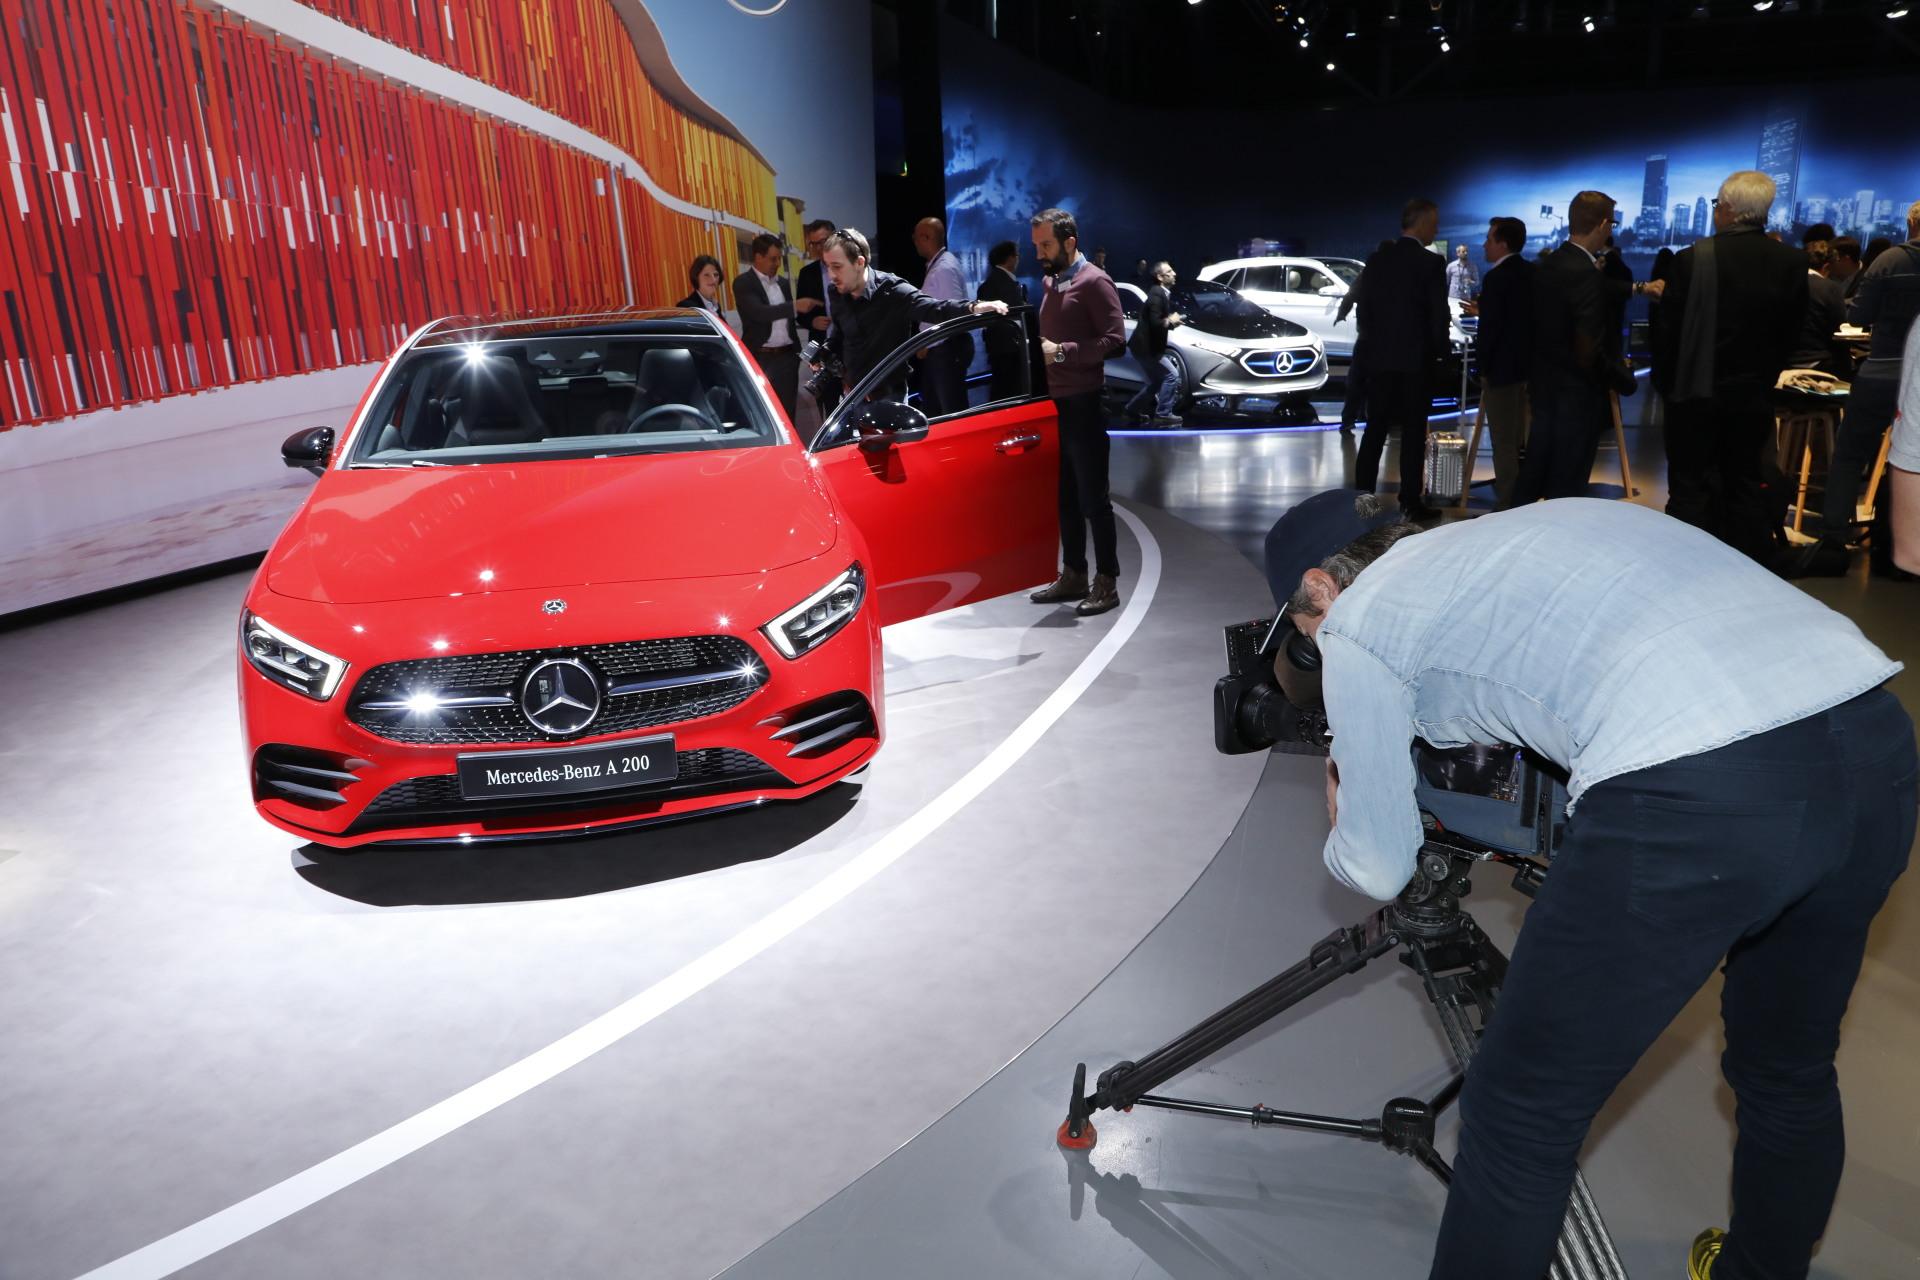 Mercedes Classe A : la compacte vedette du salon de Genève 2018